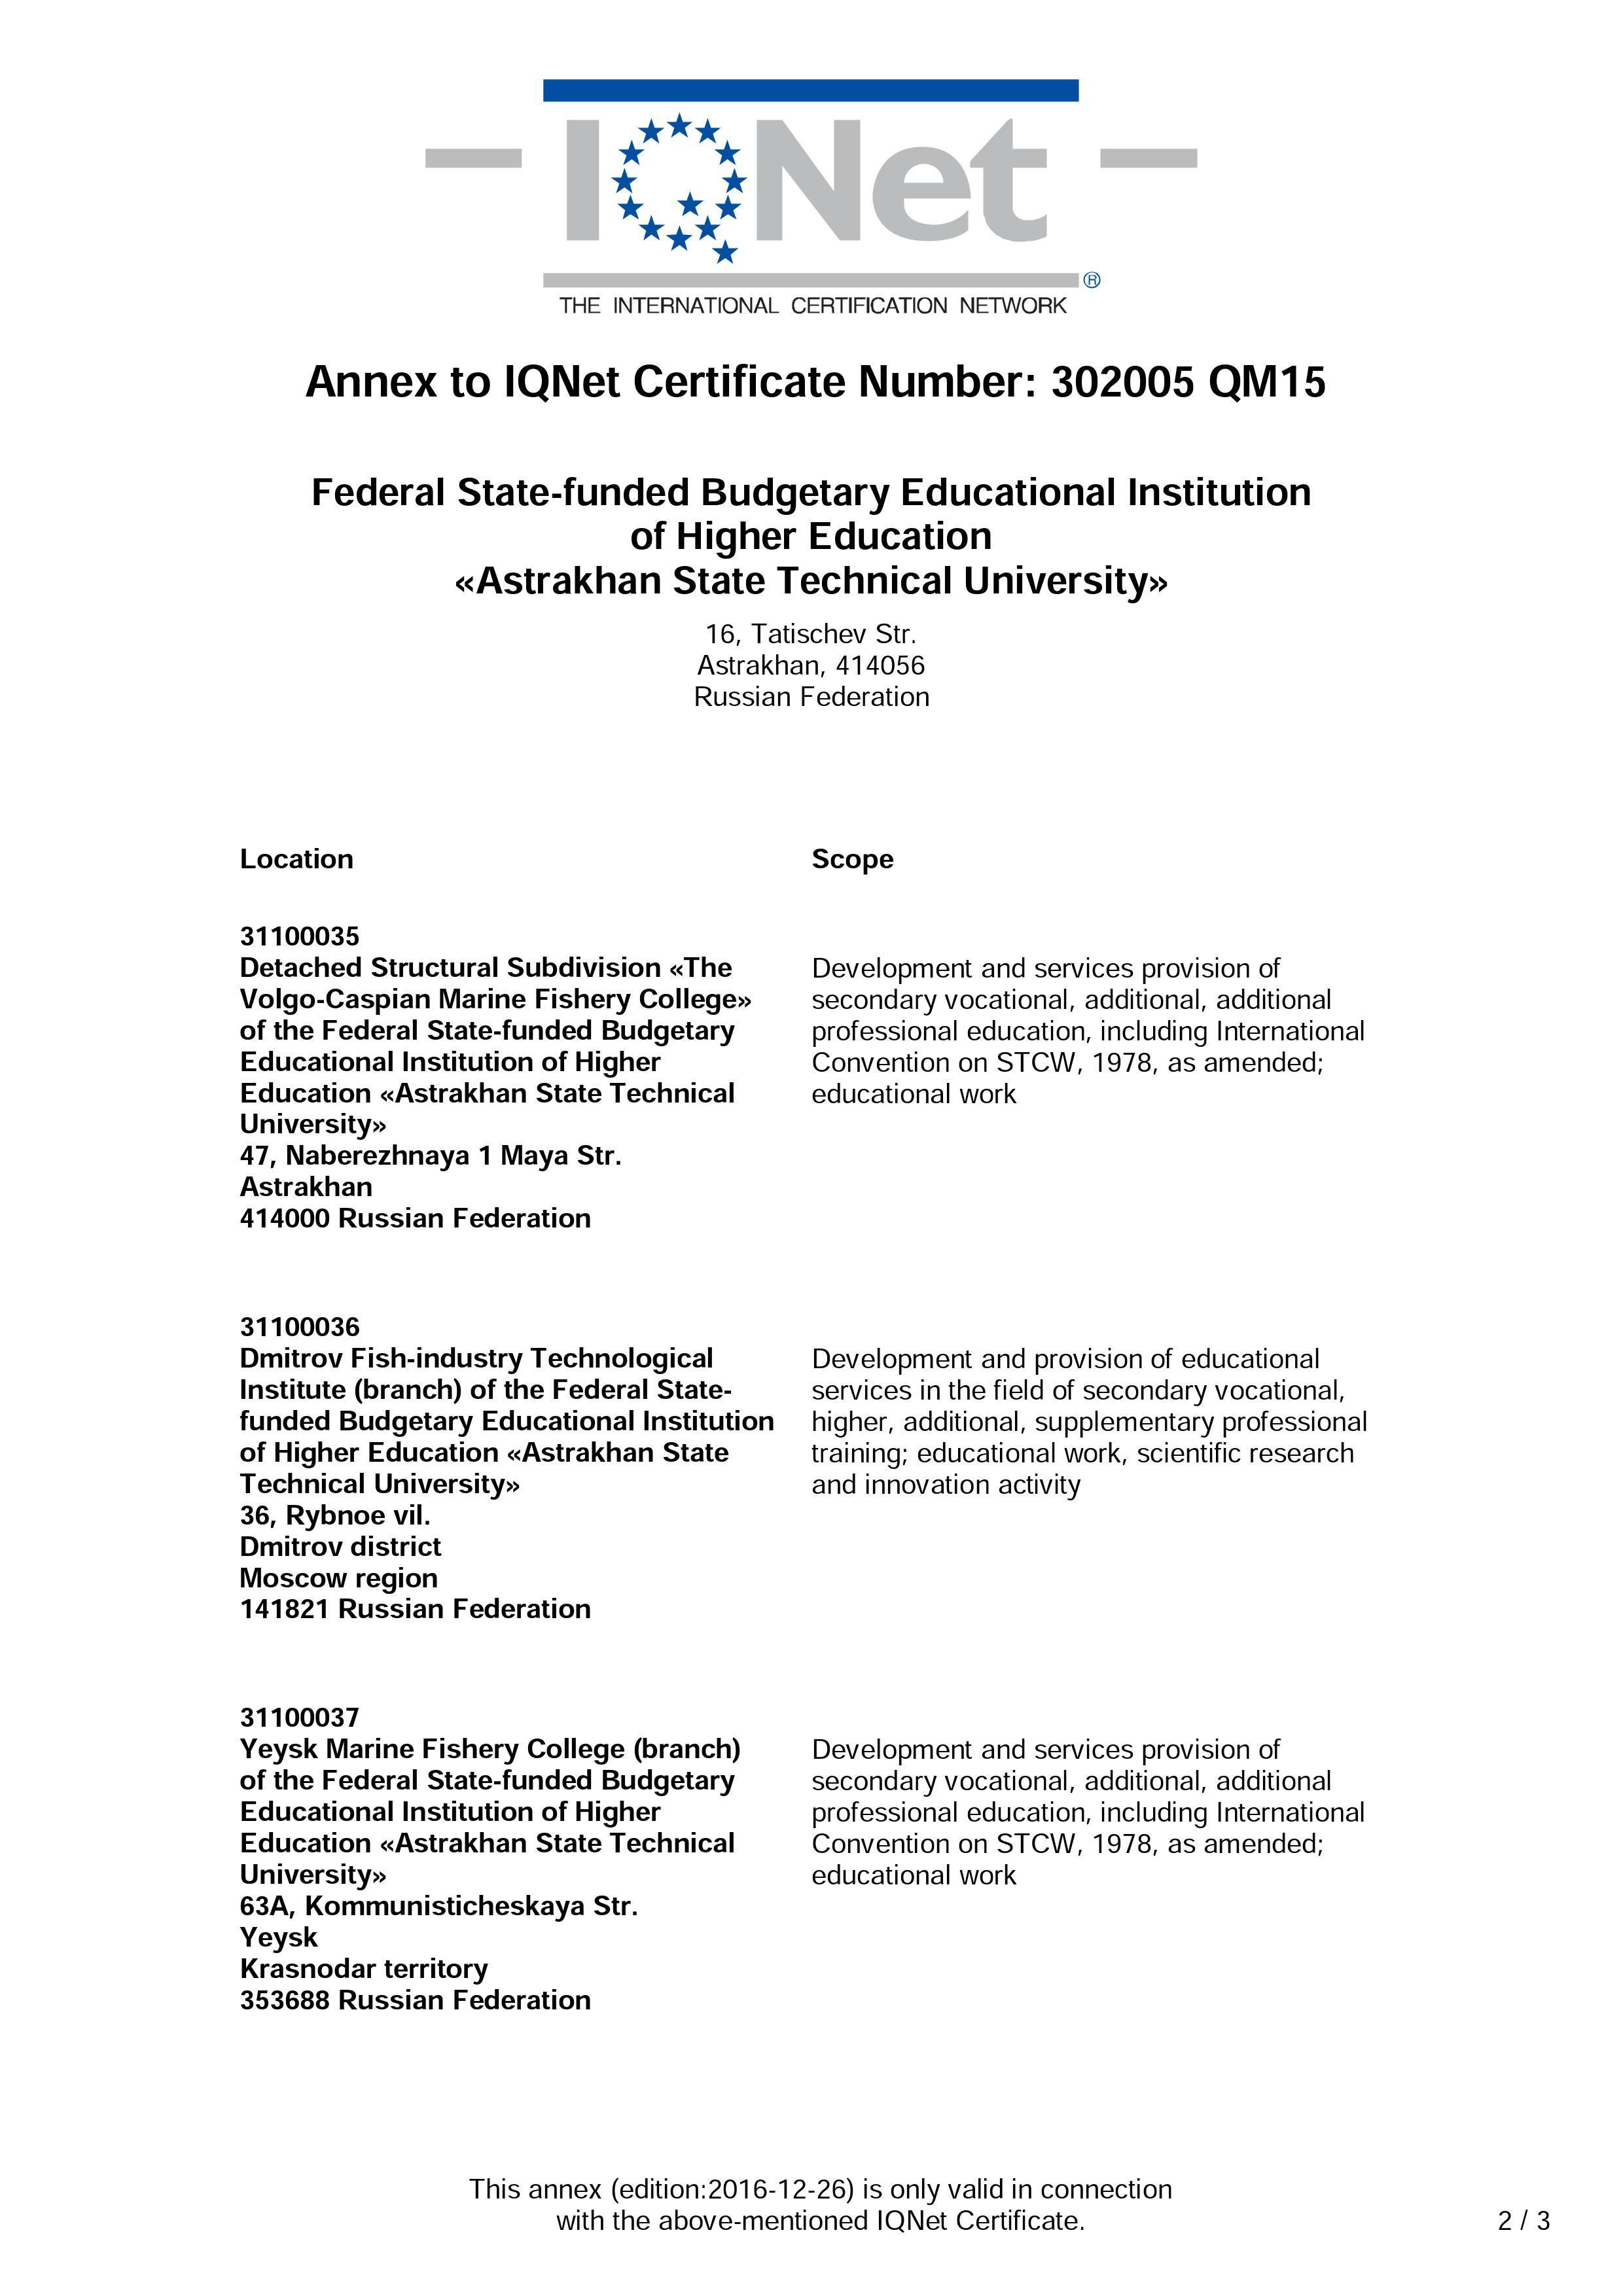 92.сертификация смк включает обязателная сертификация